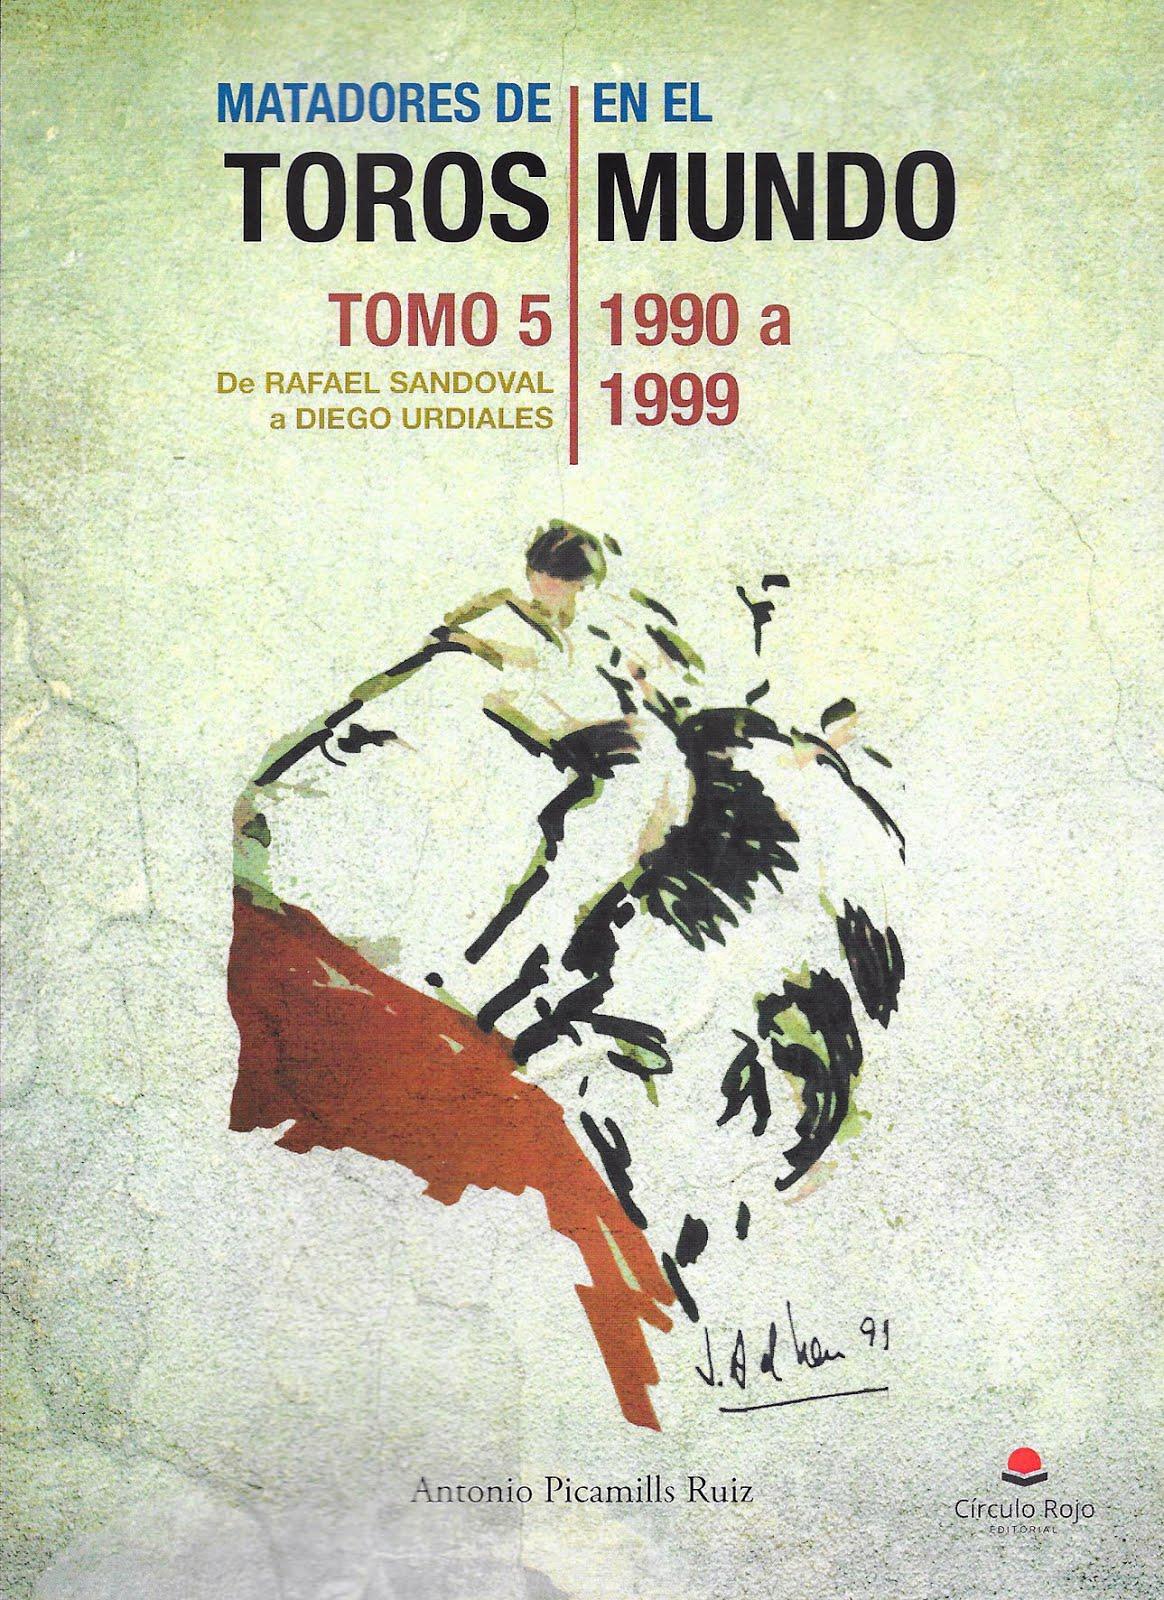 MATADORES DE TOROS EN EL MUNDO. Tomo 5